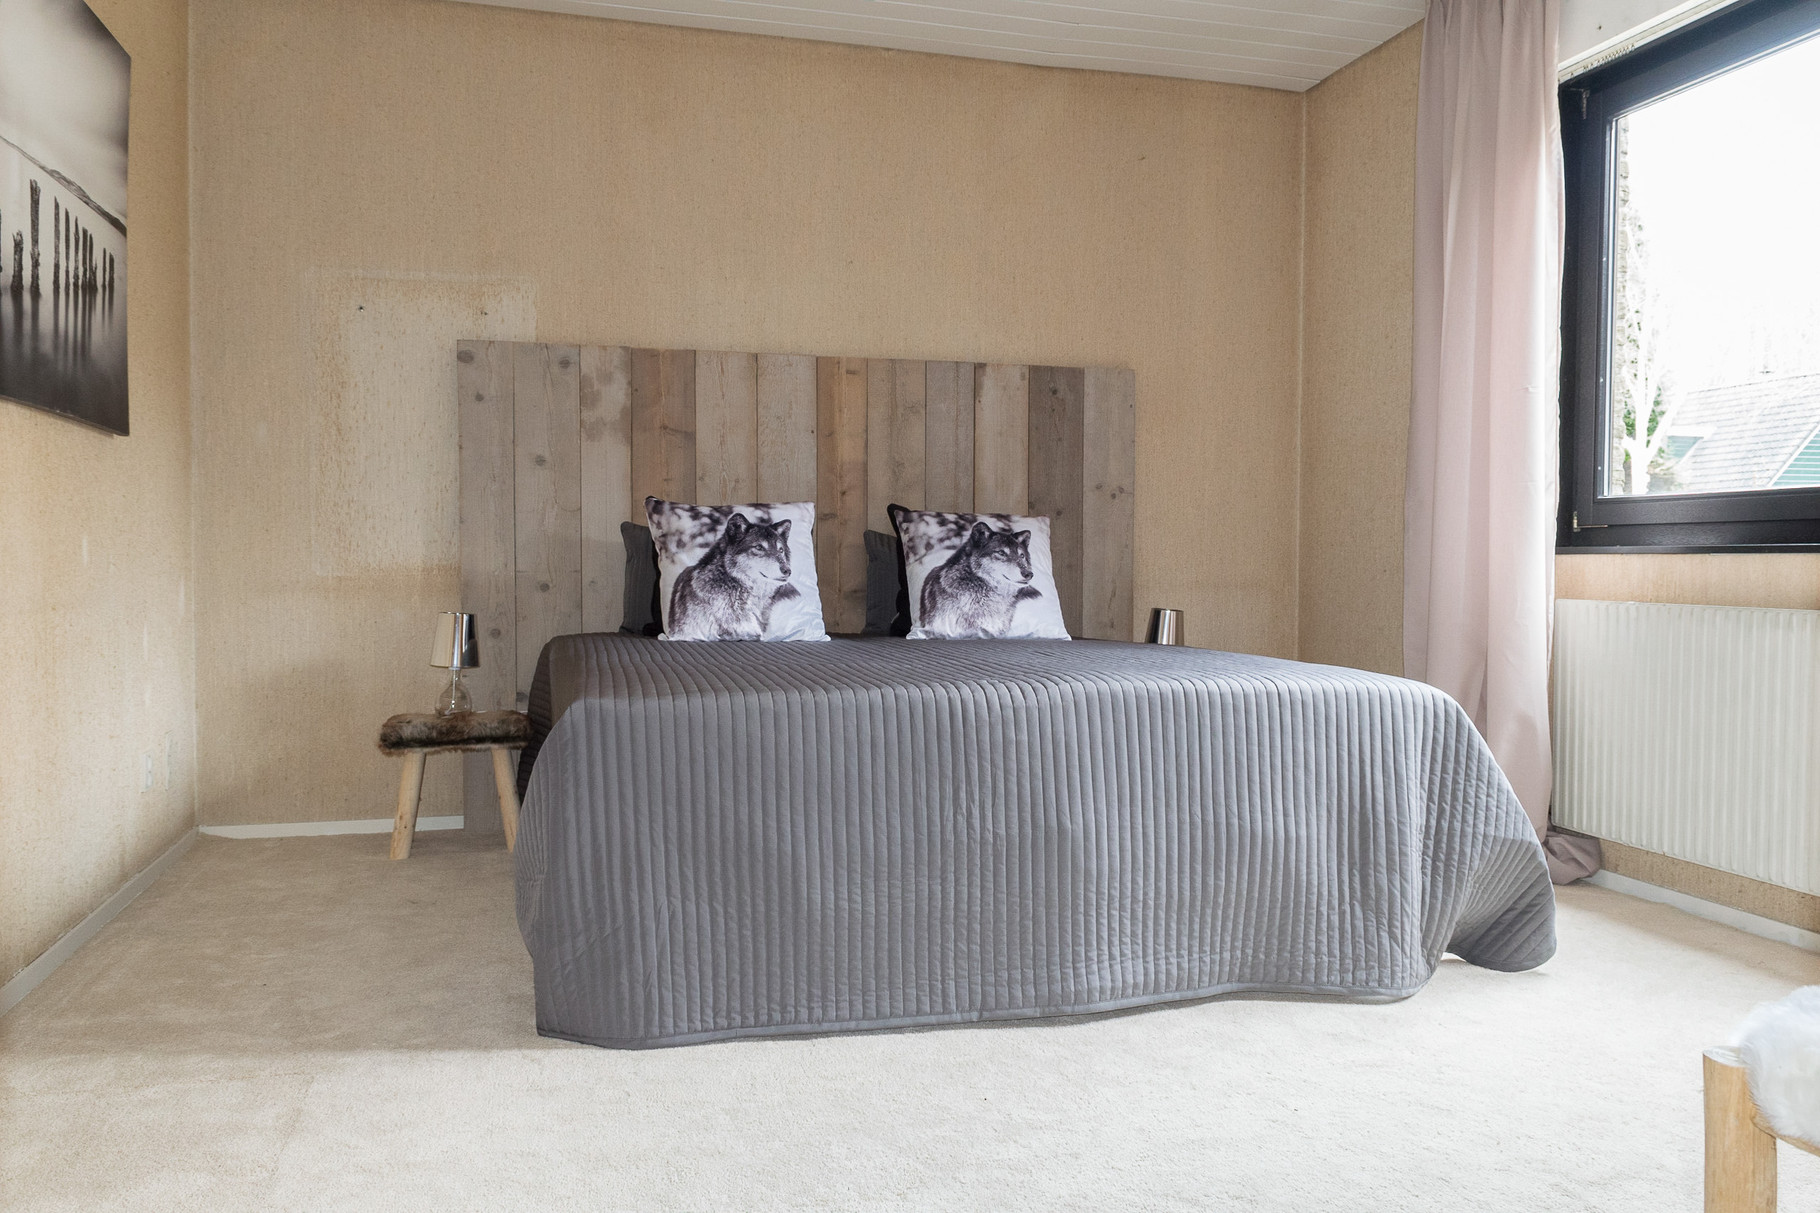 Slaapkamer NA meubelverhuur